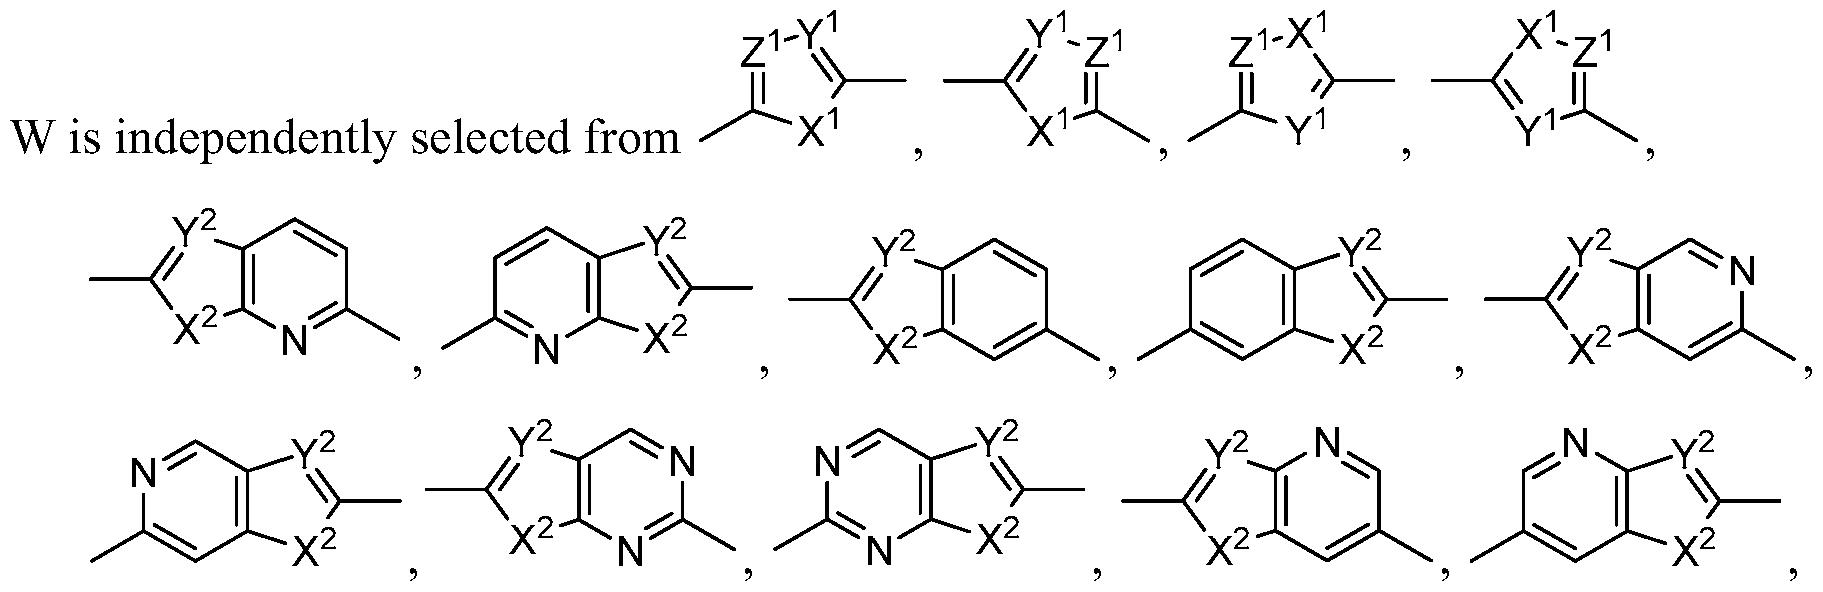 Figure imgf000343_0002